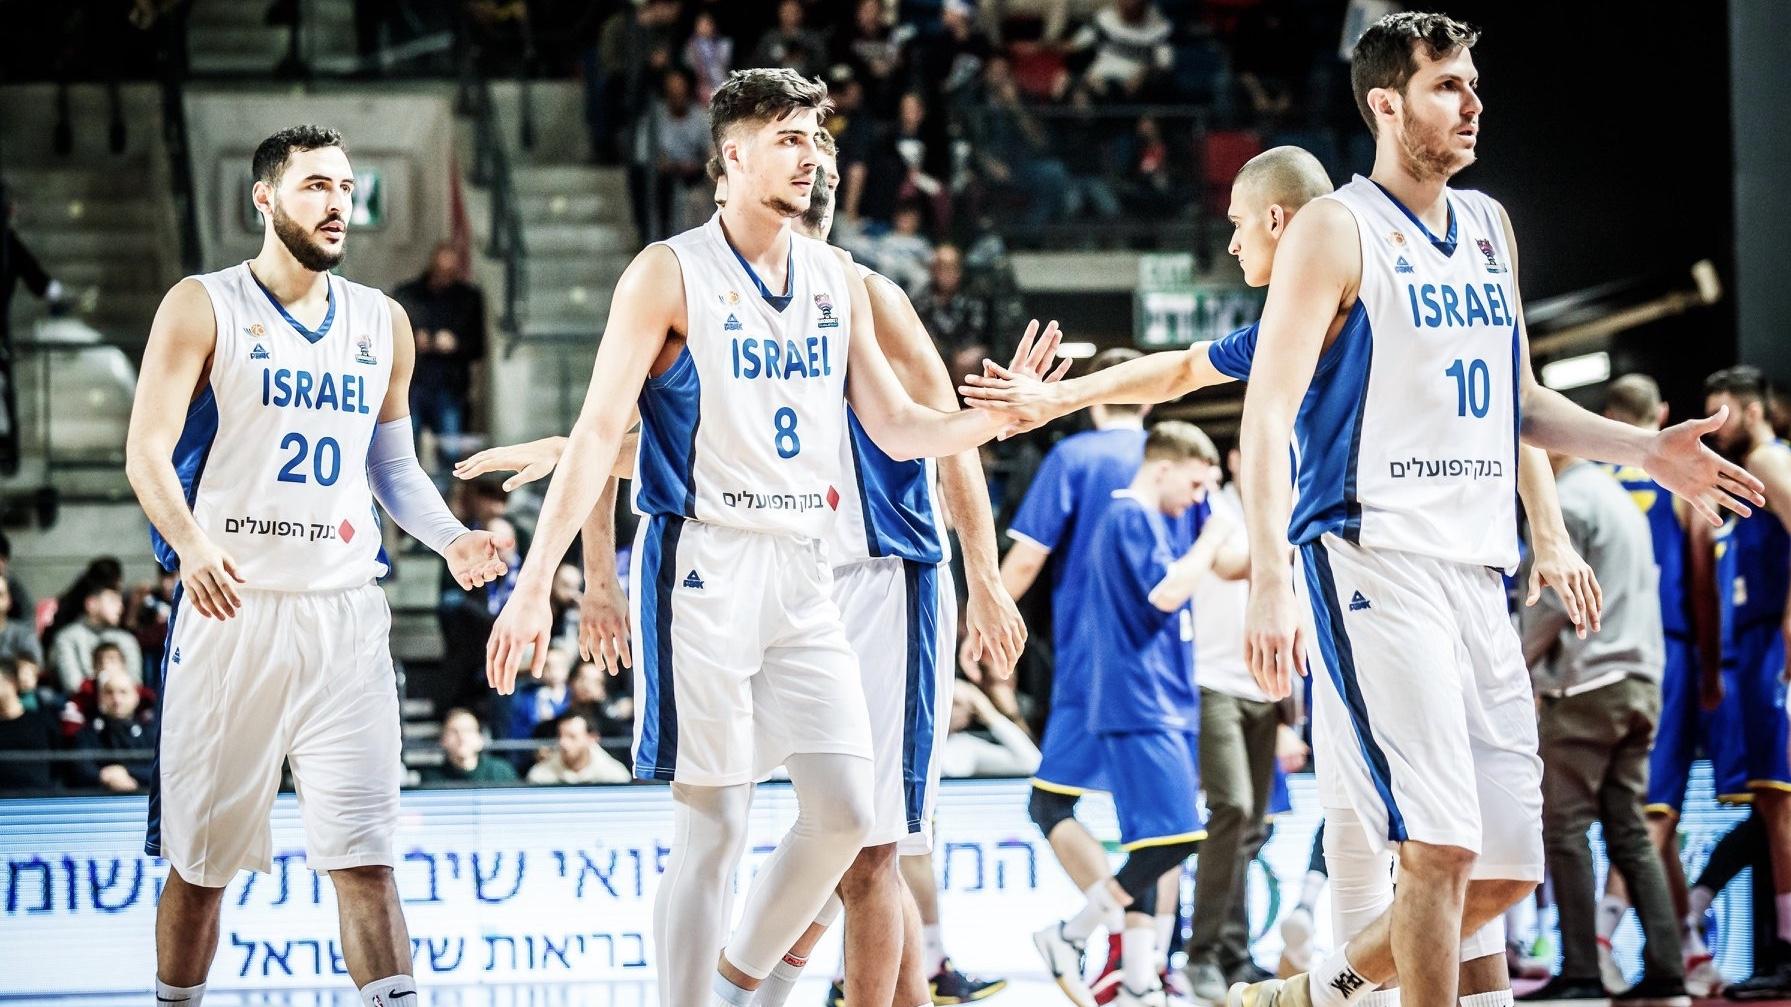 מוקדמות אליפות אירופה: נבחרת ישראל הביסה את רומניה 63:87 – התבססה במקום הראשון בבית